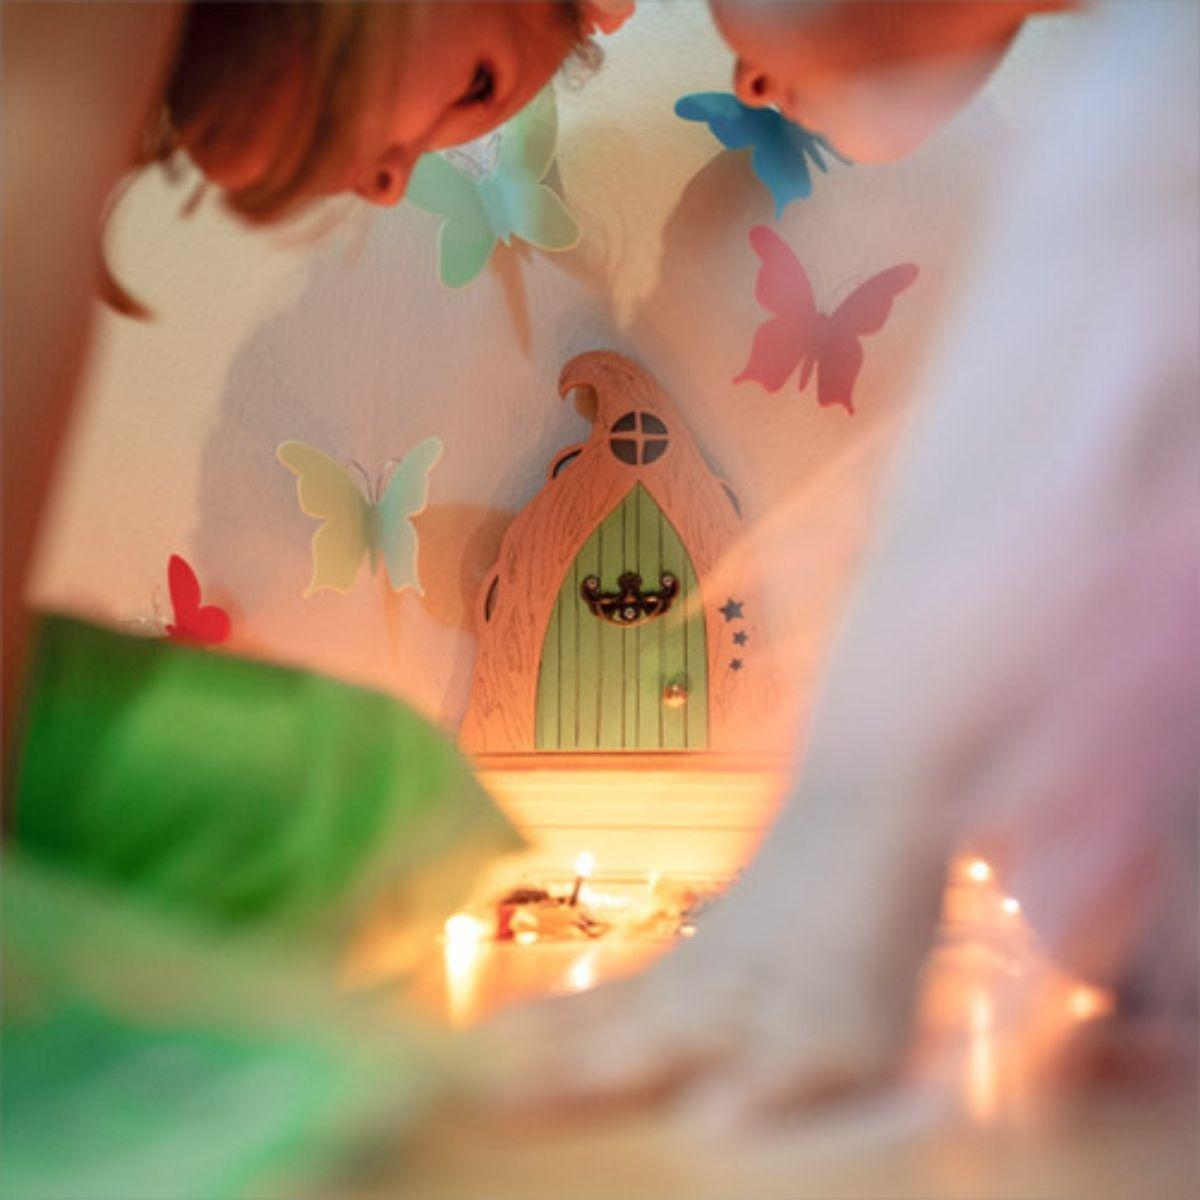 Histórias Infantis Fantasia Porta Das Fadas - Rosa